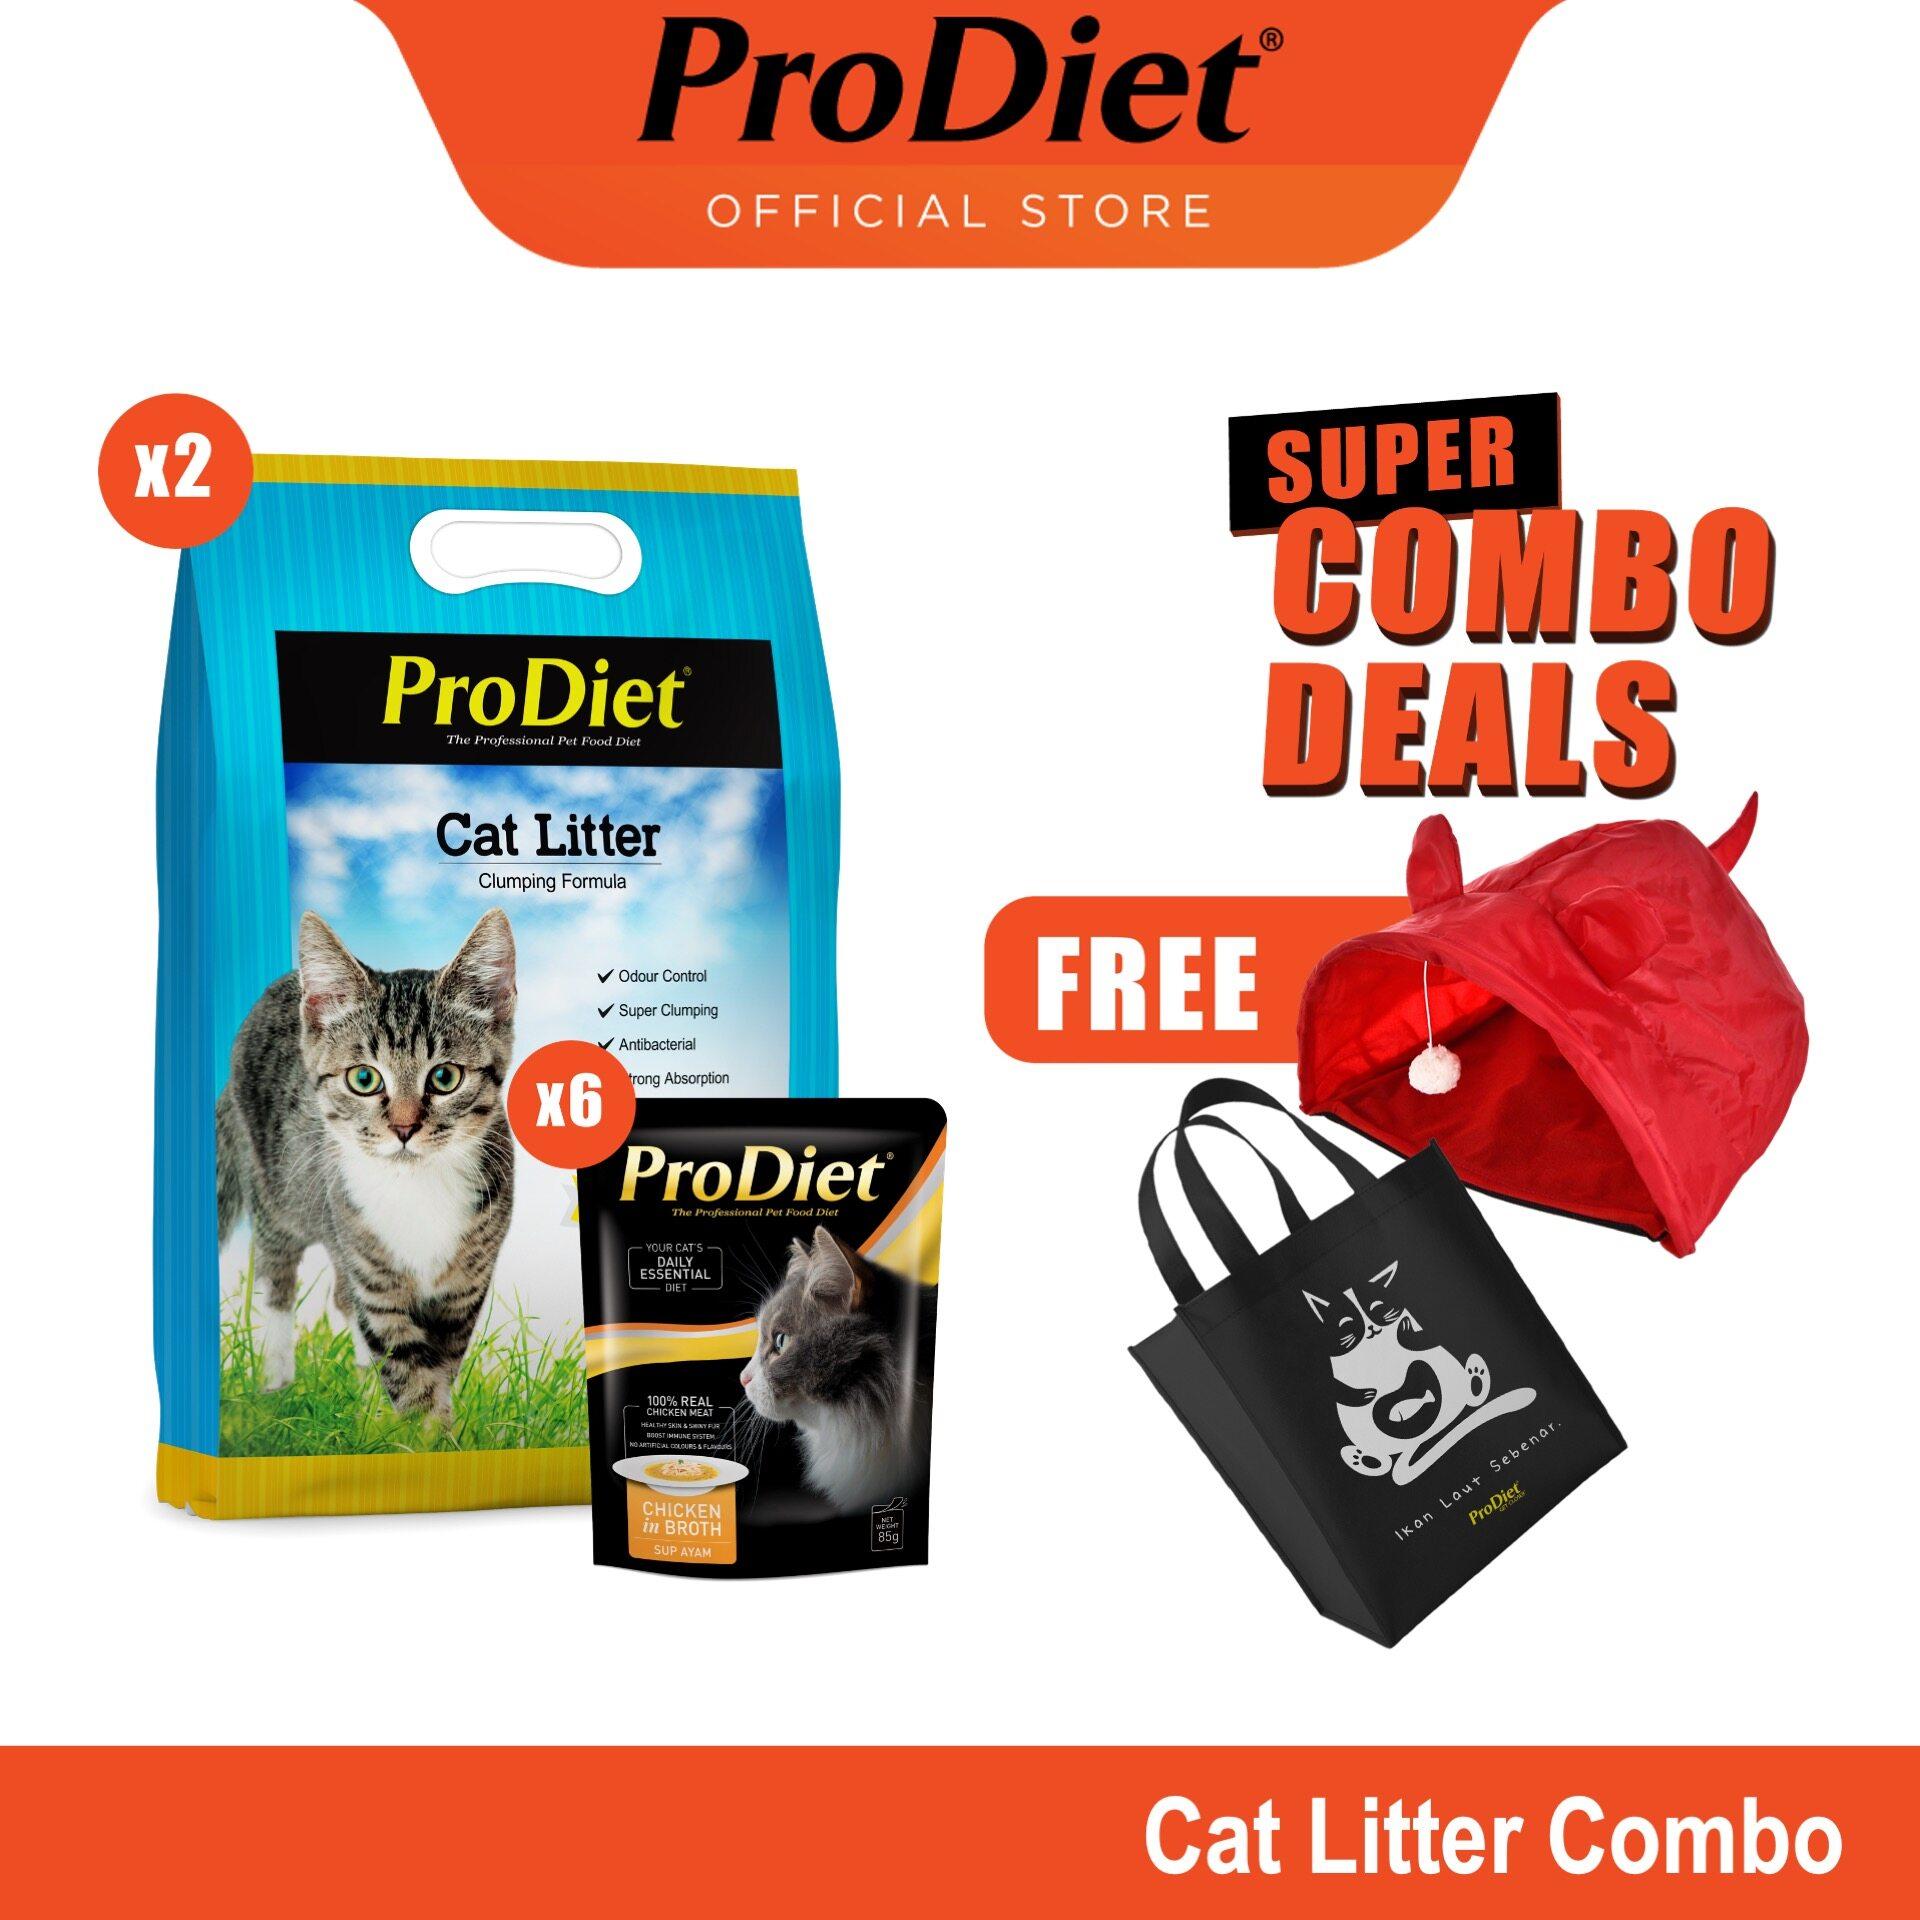 Combo Deals: ProDiet Cat Litter 5L - Lemon x 2 units [pasir kucing]